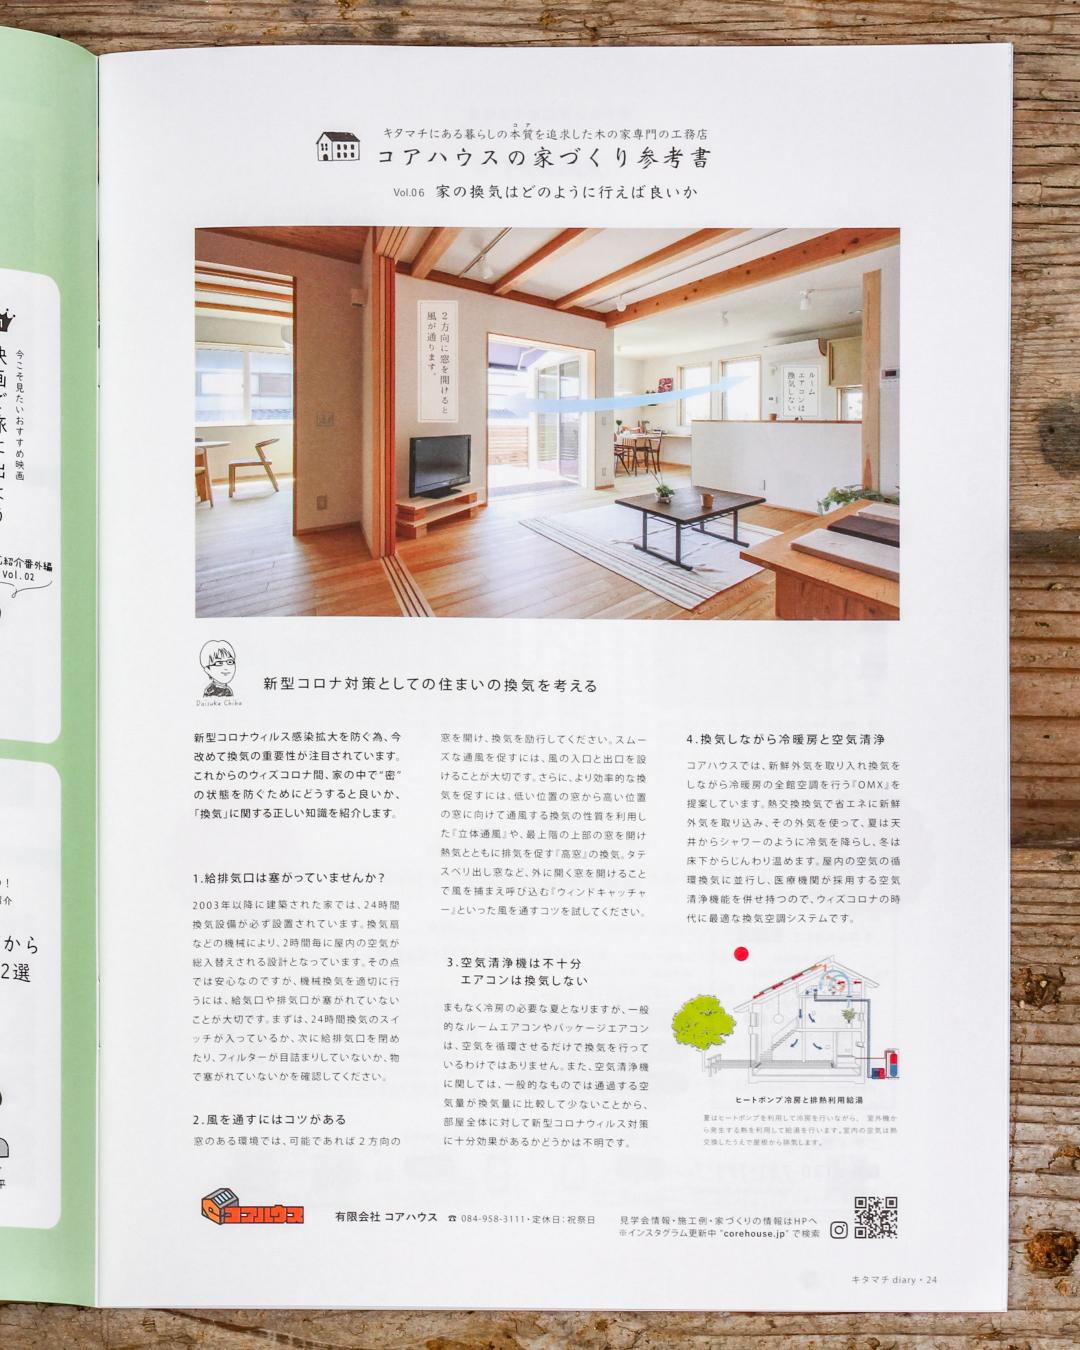 福山市・府中市の情報満載キタマチdiary|住宅会社コアハウスの注文住宅の新築・リノベーションの情報を掲載